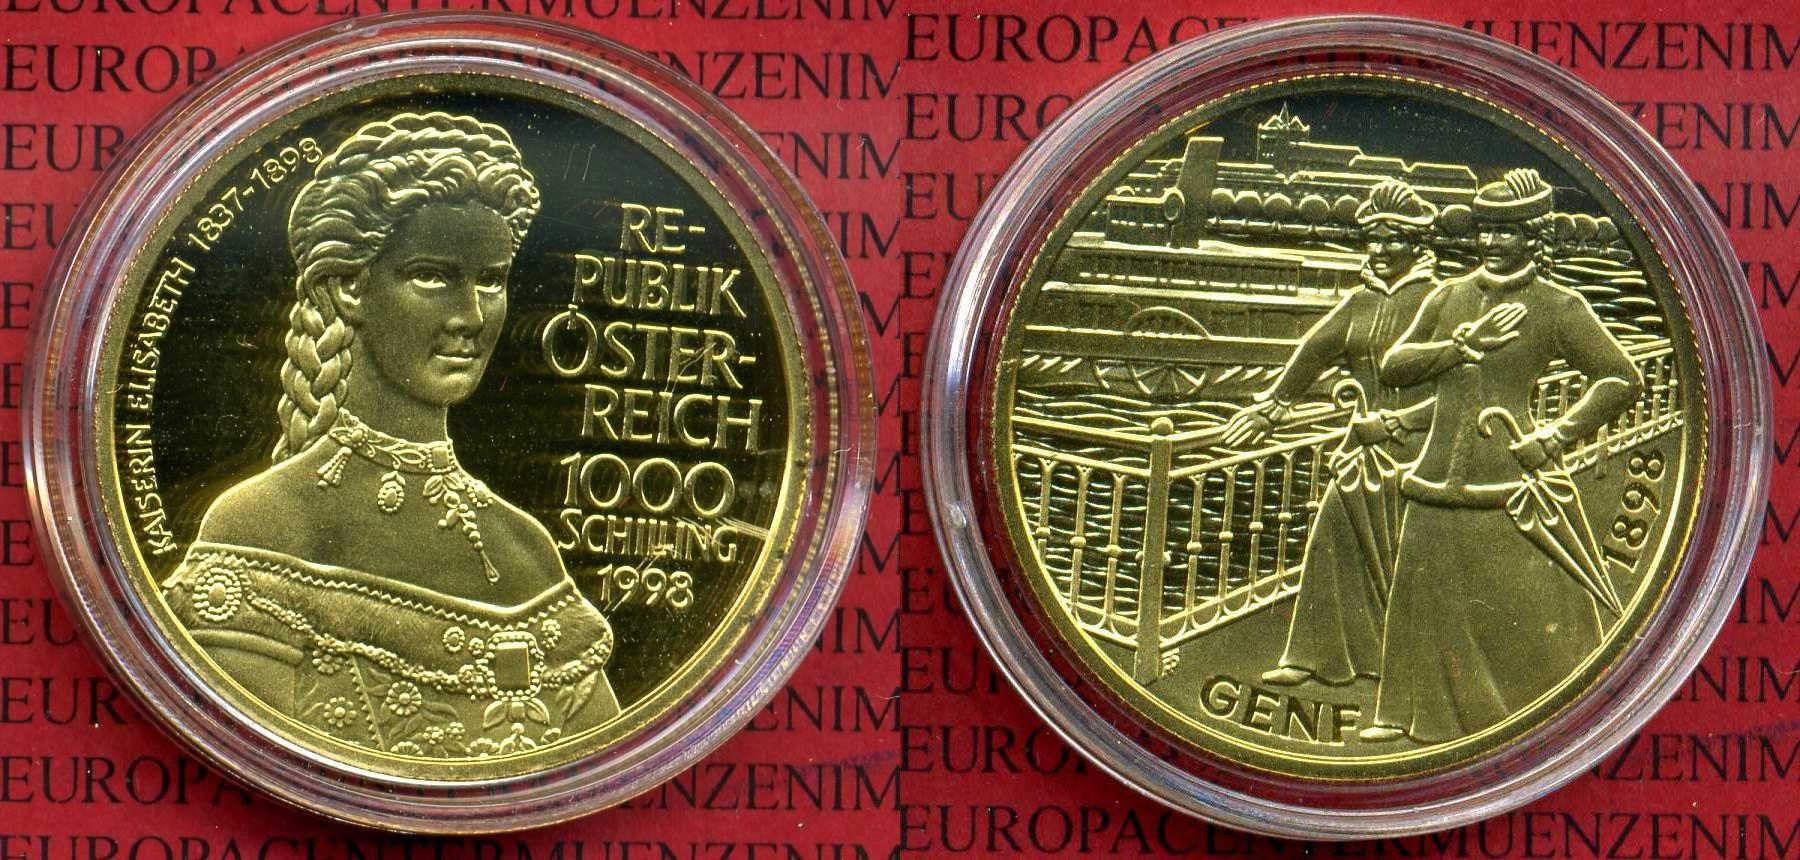 1000 Schilling Gold 1998 österreich österreich 1000 Schilling 1998